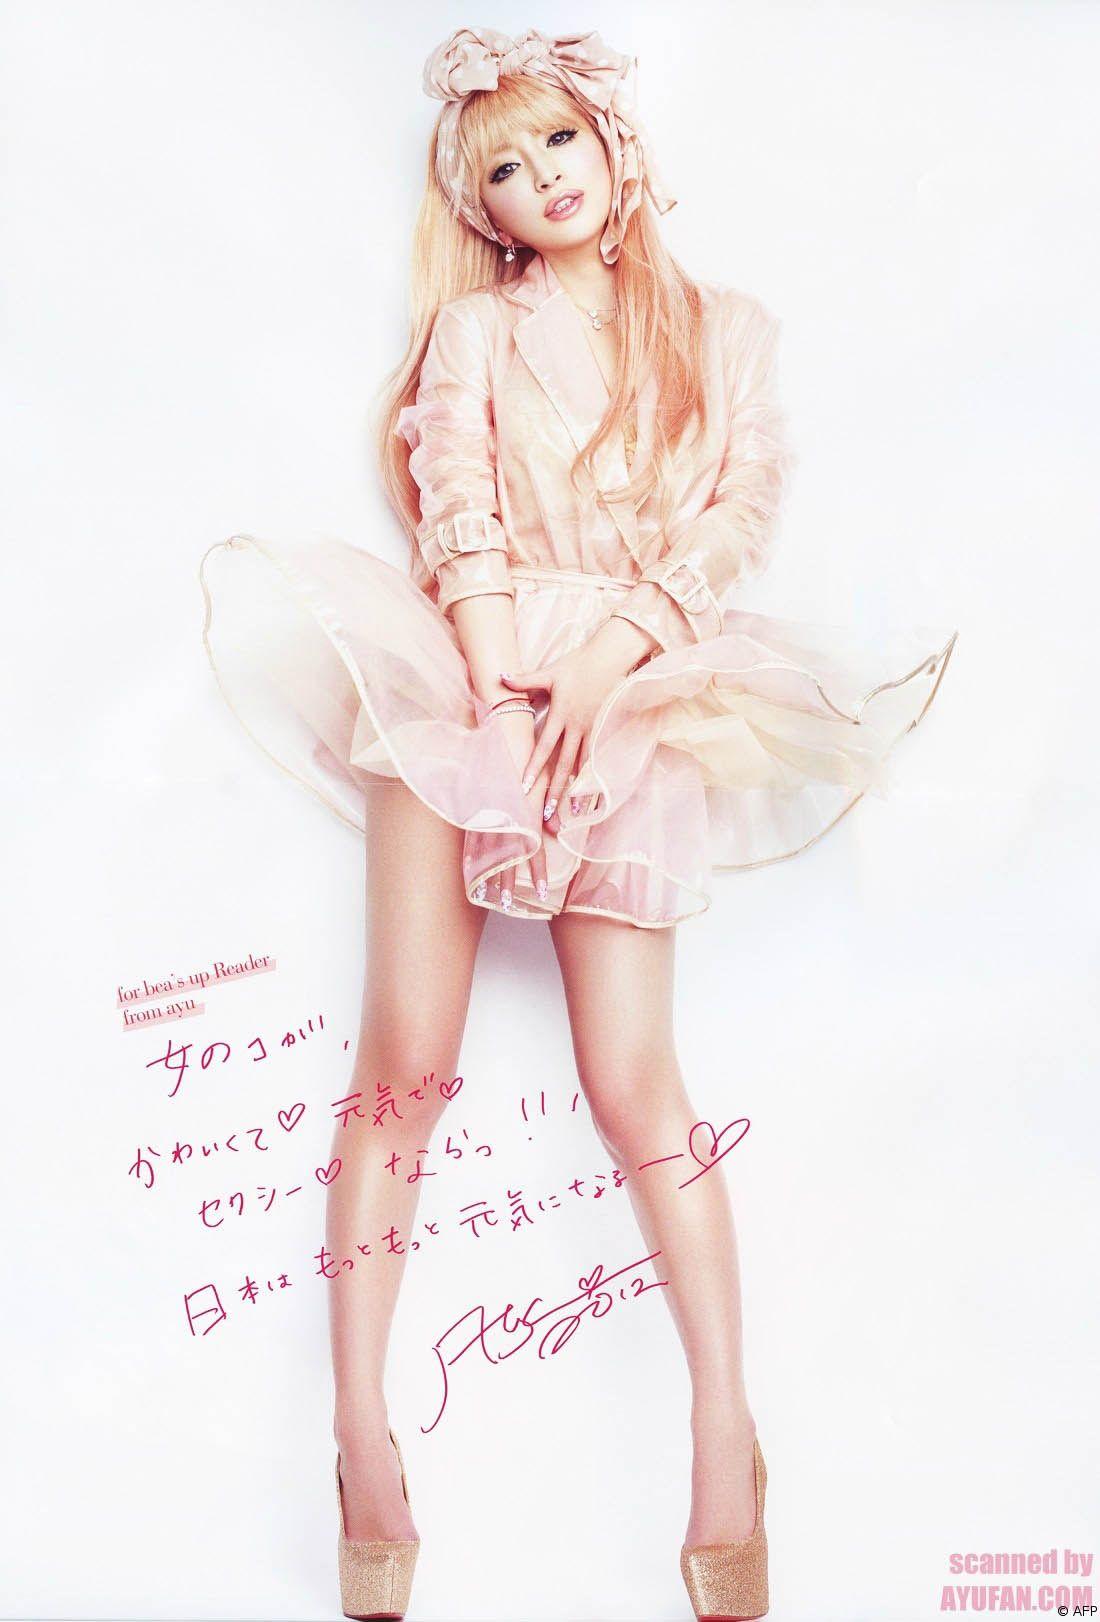 Mirrorcle World HD - Ayumi Hamasaki Wallpaper (13630847 ...   Ayumi Hamasaki 2012